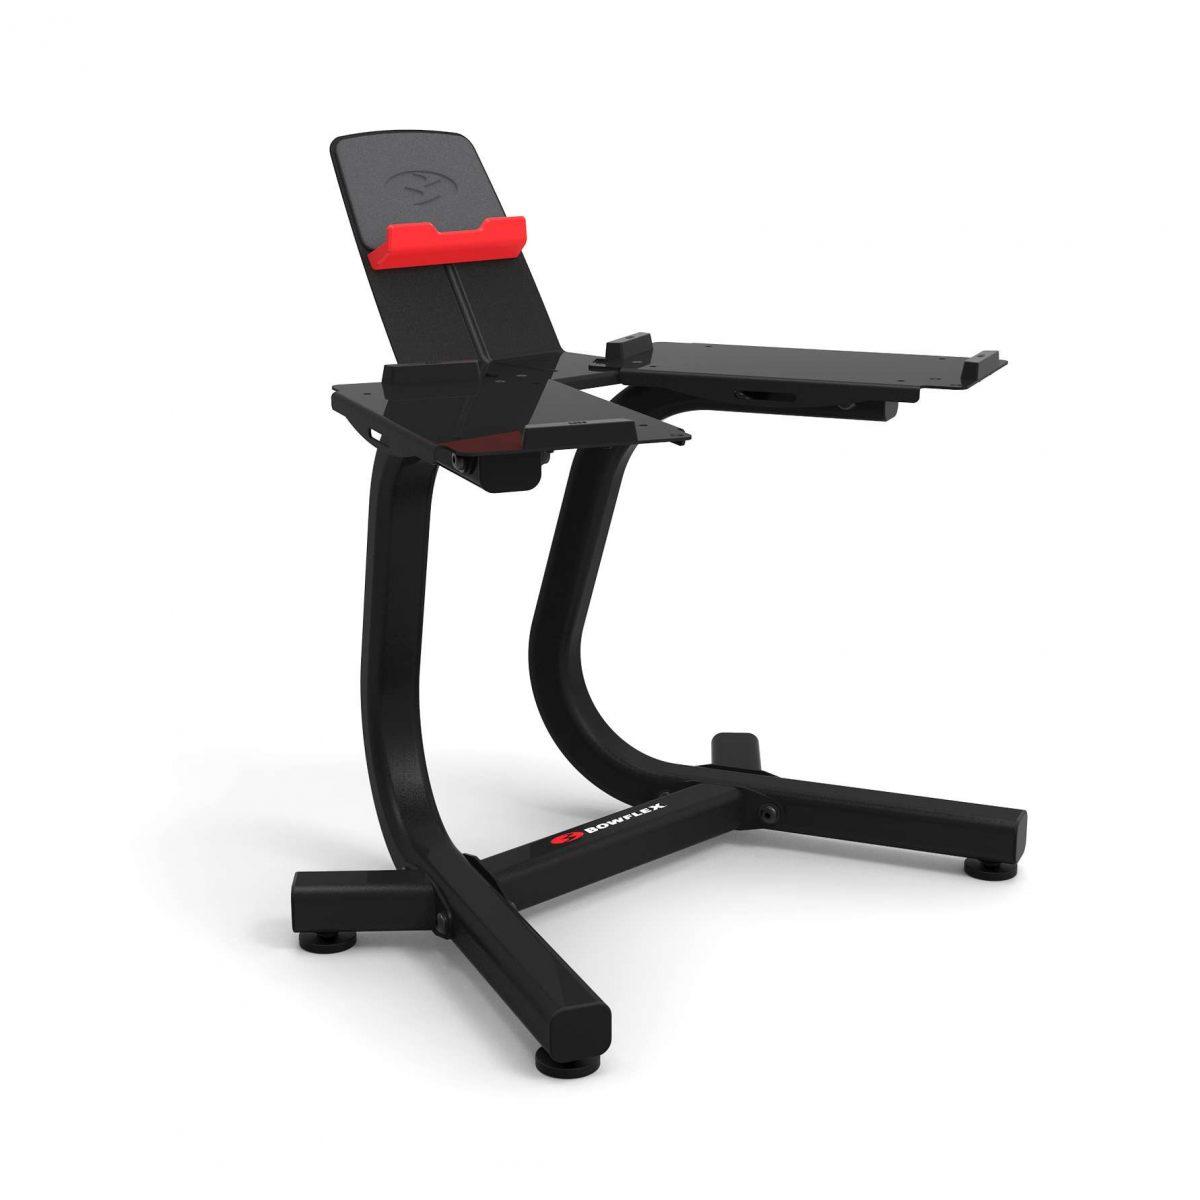 Bowflex Selecttech Hantelständer - Fitnessgeräte - Bowflex